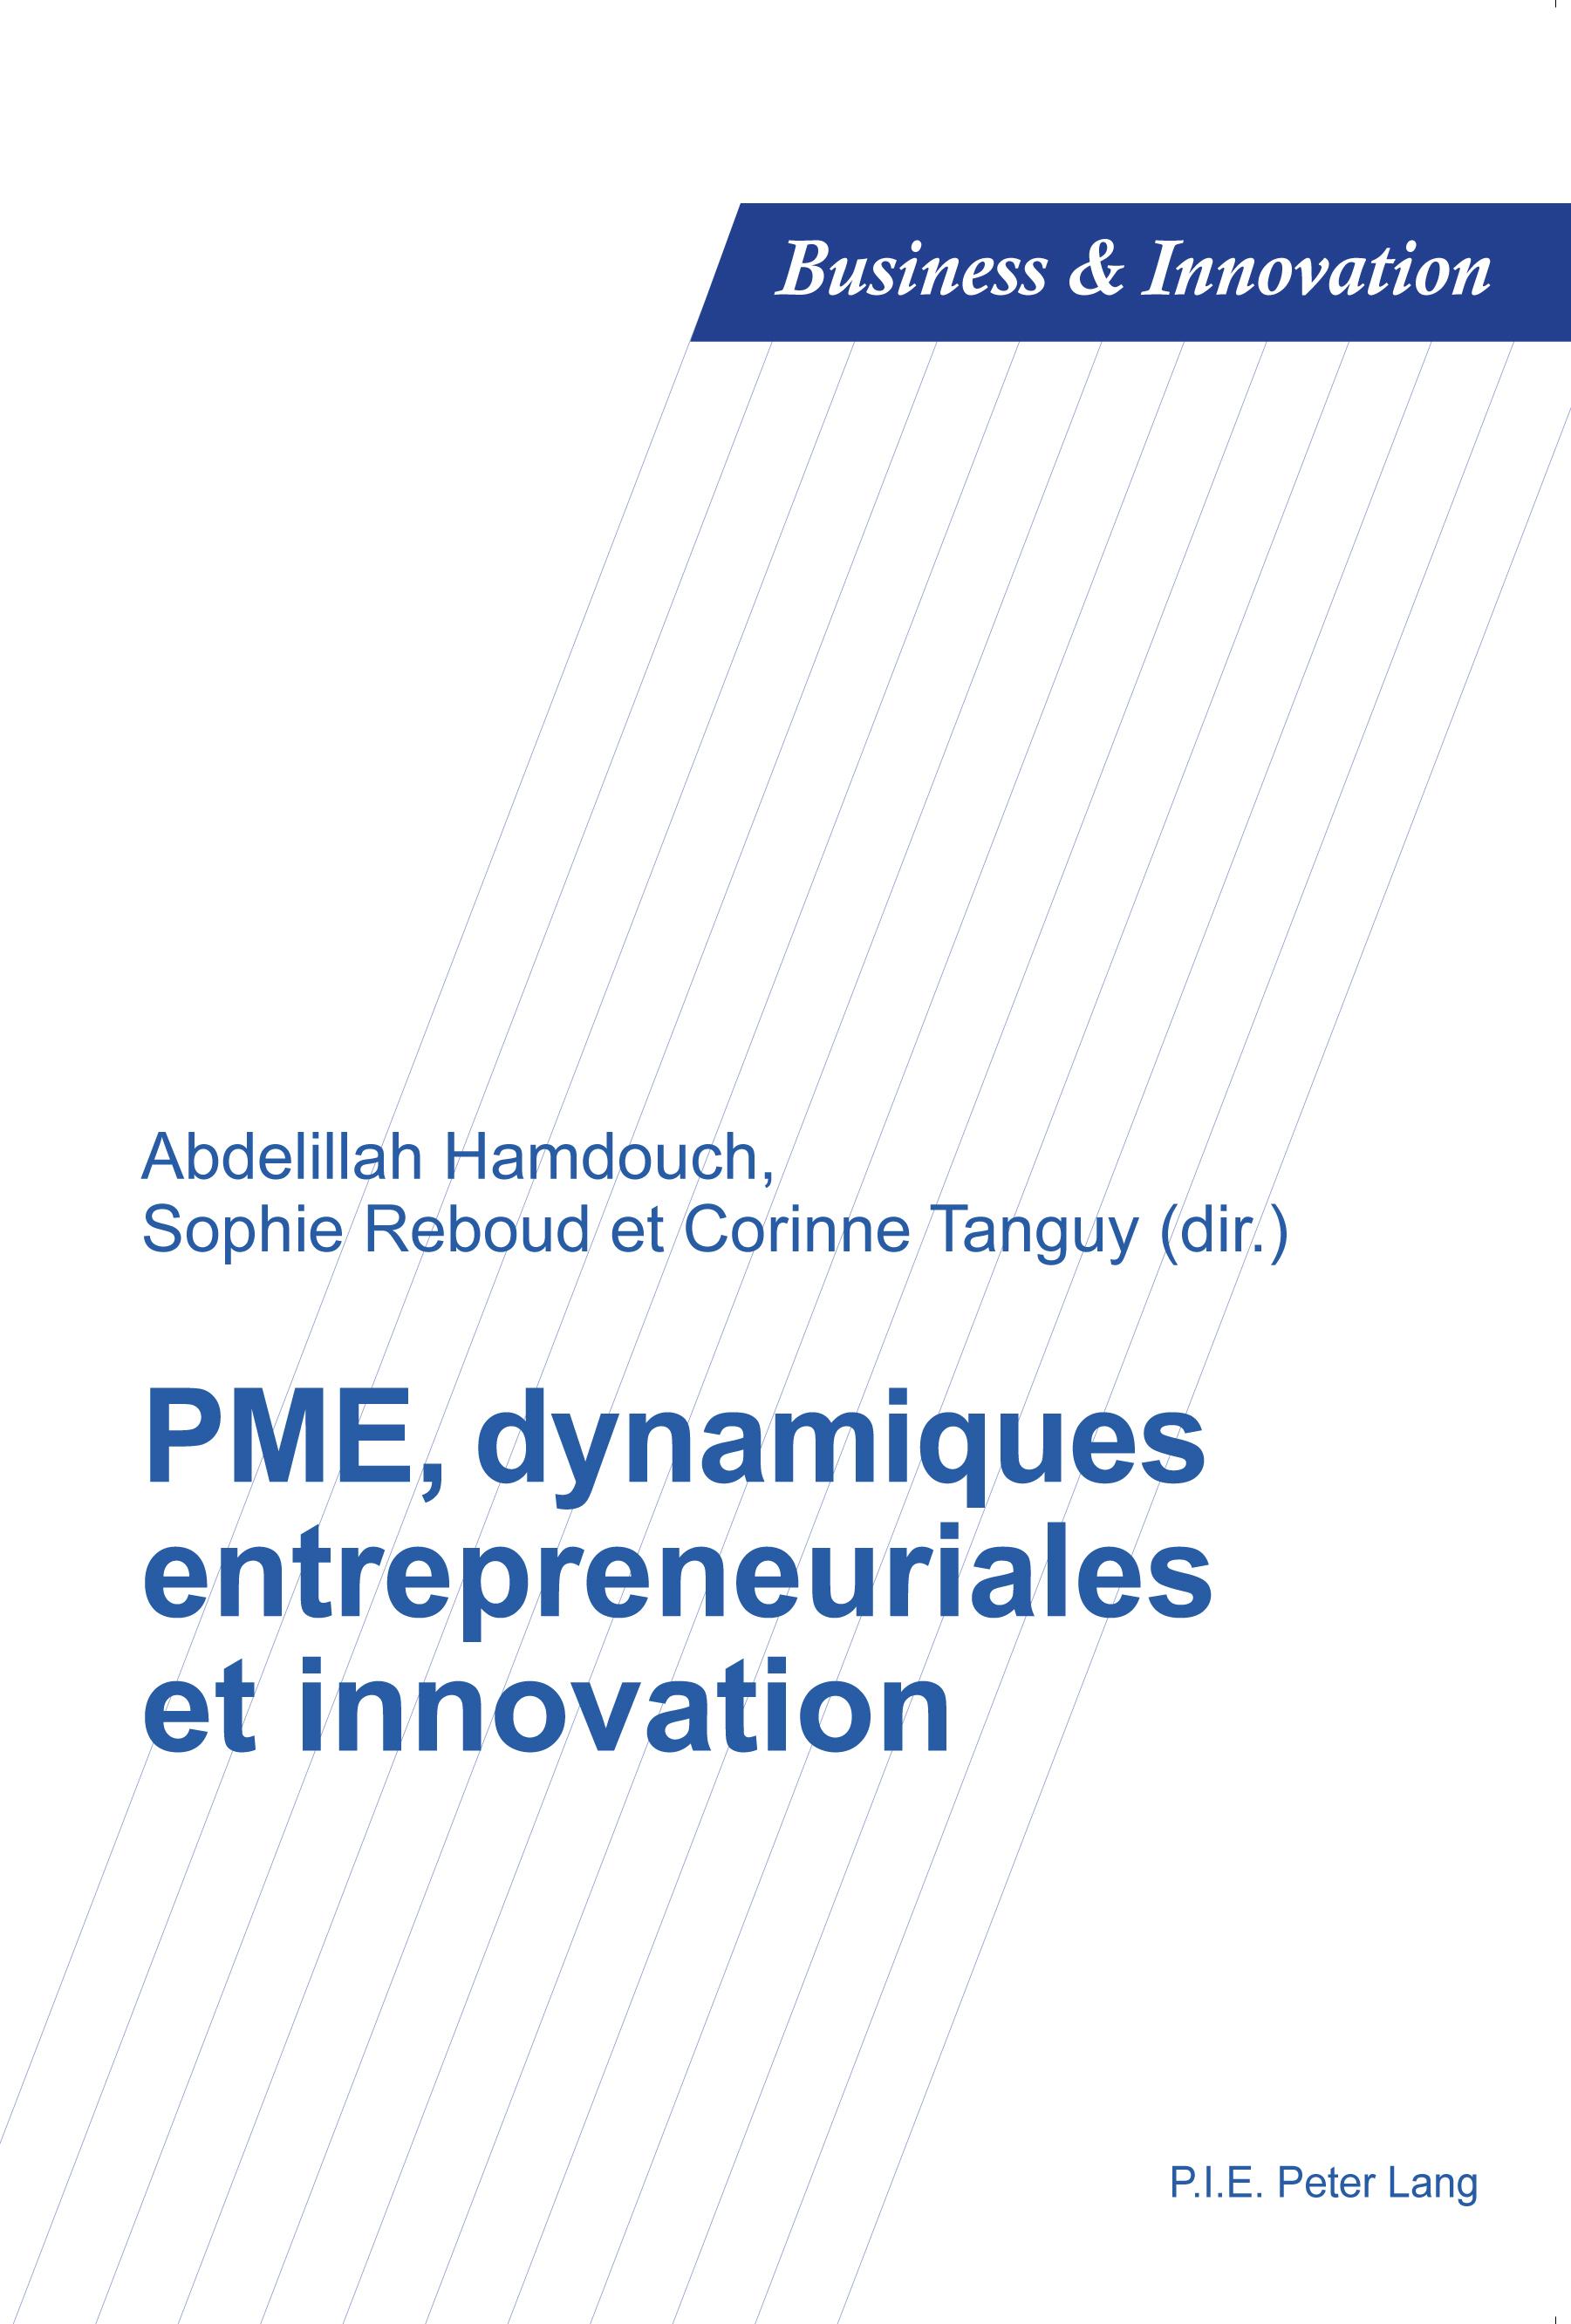 PME, DYNAMIQUES ENTREPRENEURIALES ET INNOVATION